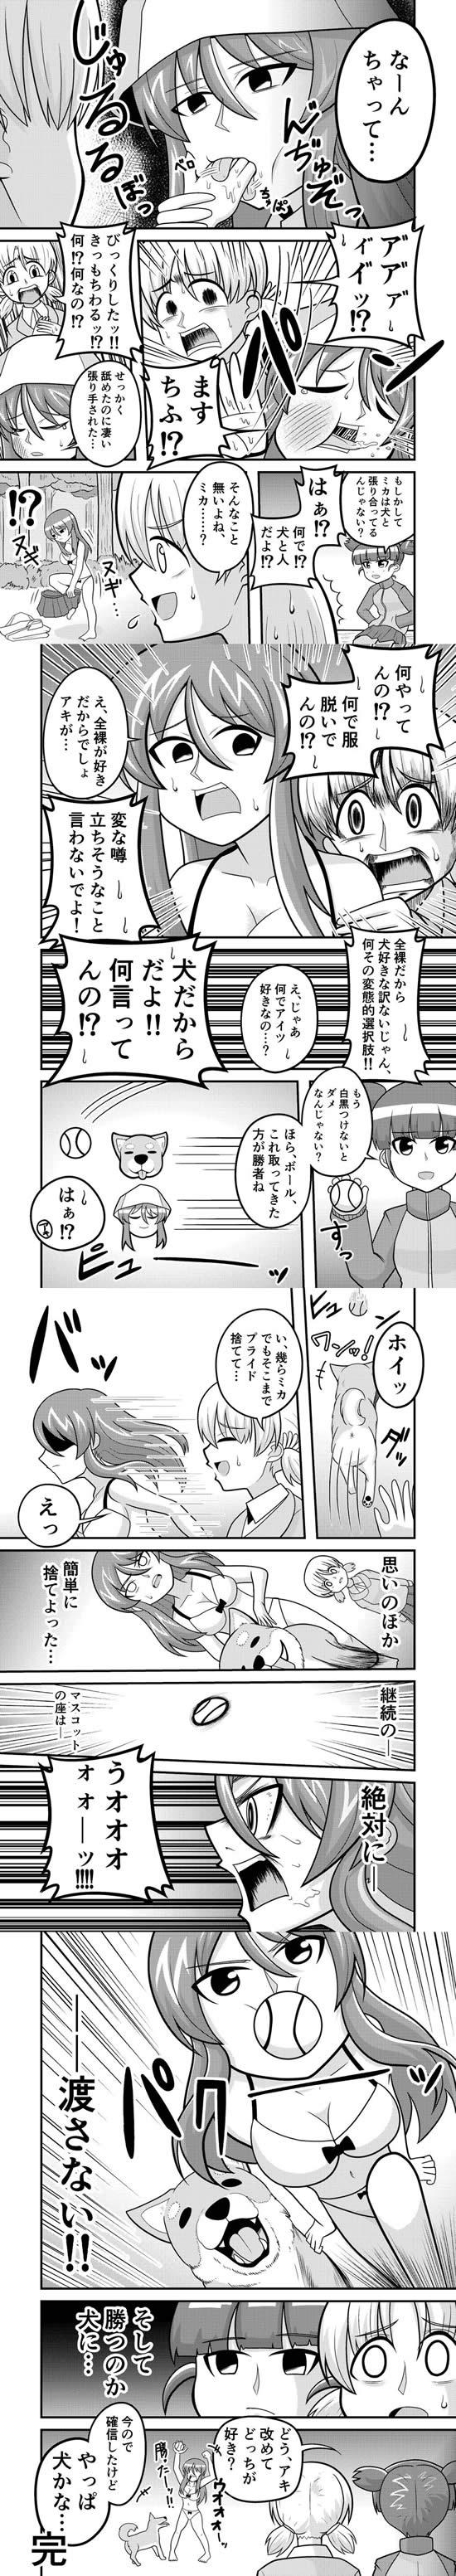 ガールズ&パンツァー 漫画 ミカ 犬 02